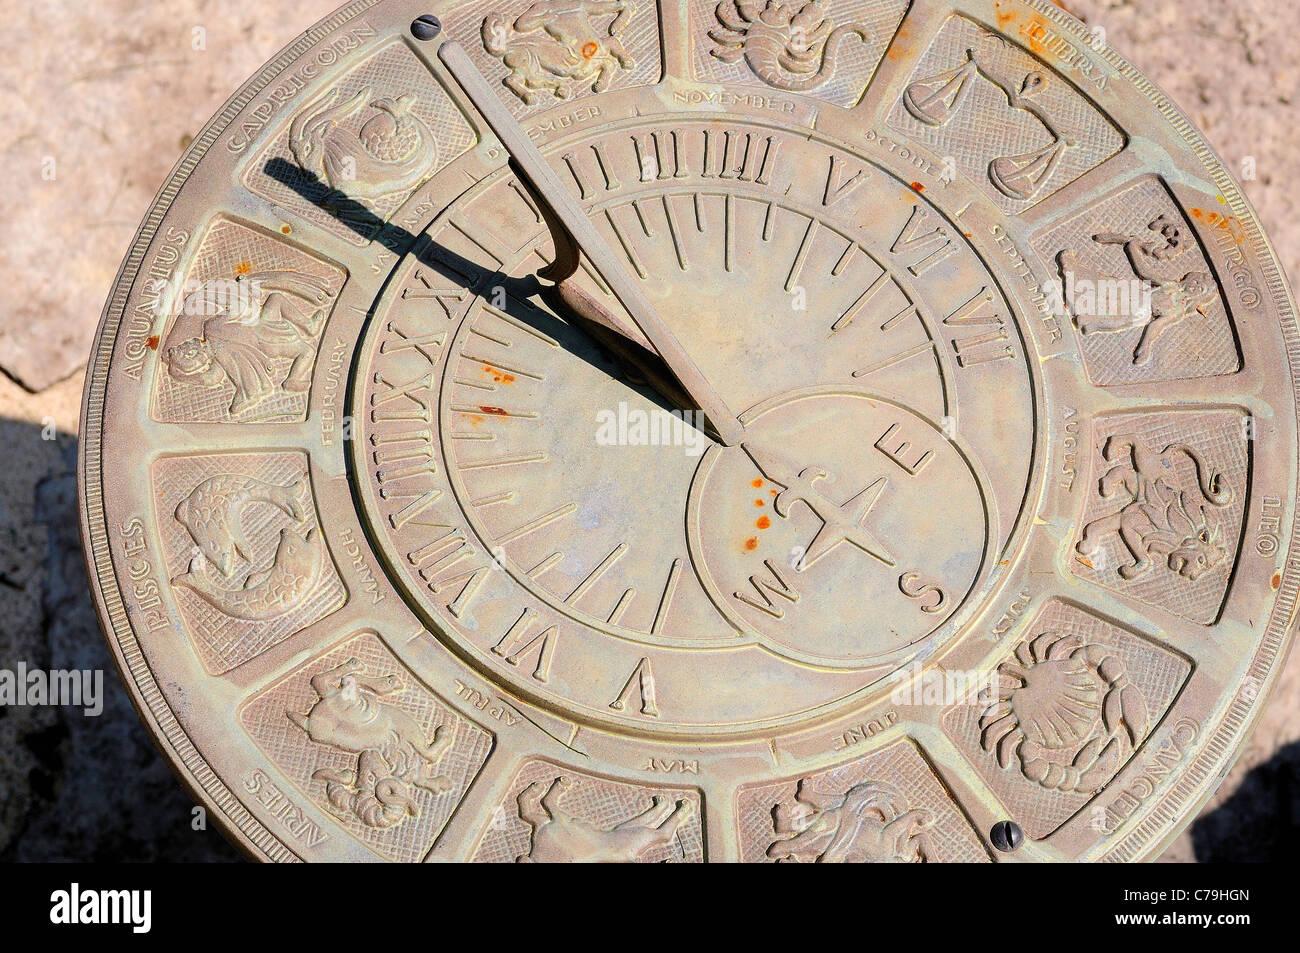 Orologio solare con segni astrologici mostra 12:00. Immagini Stock